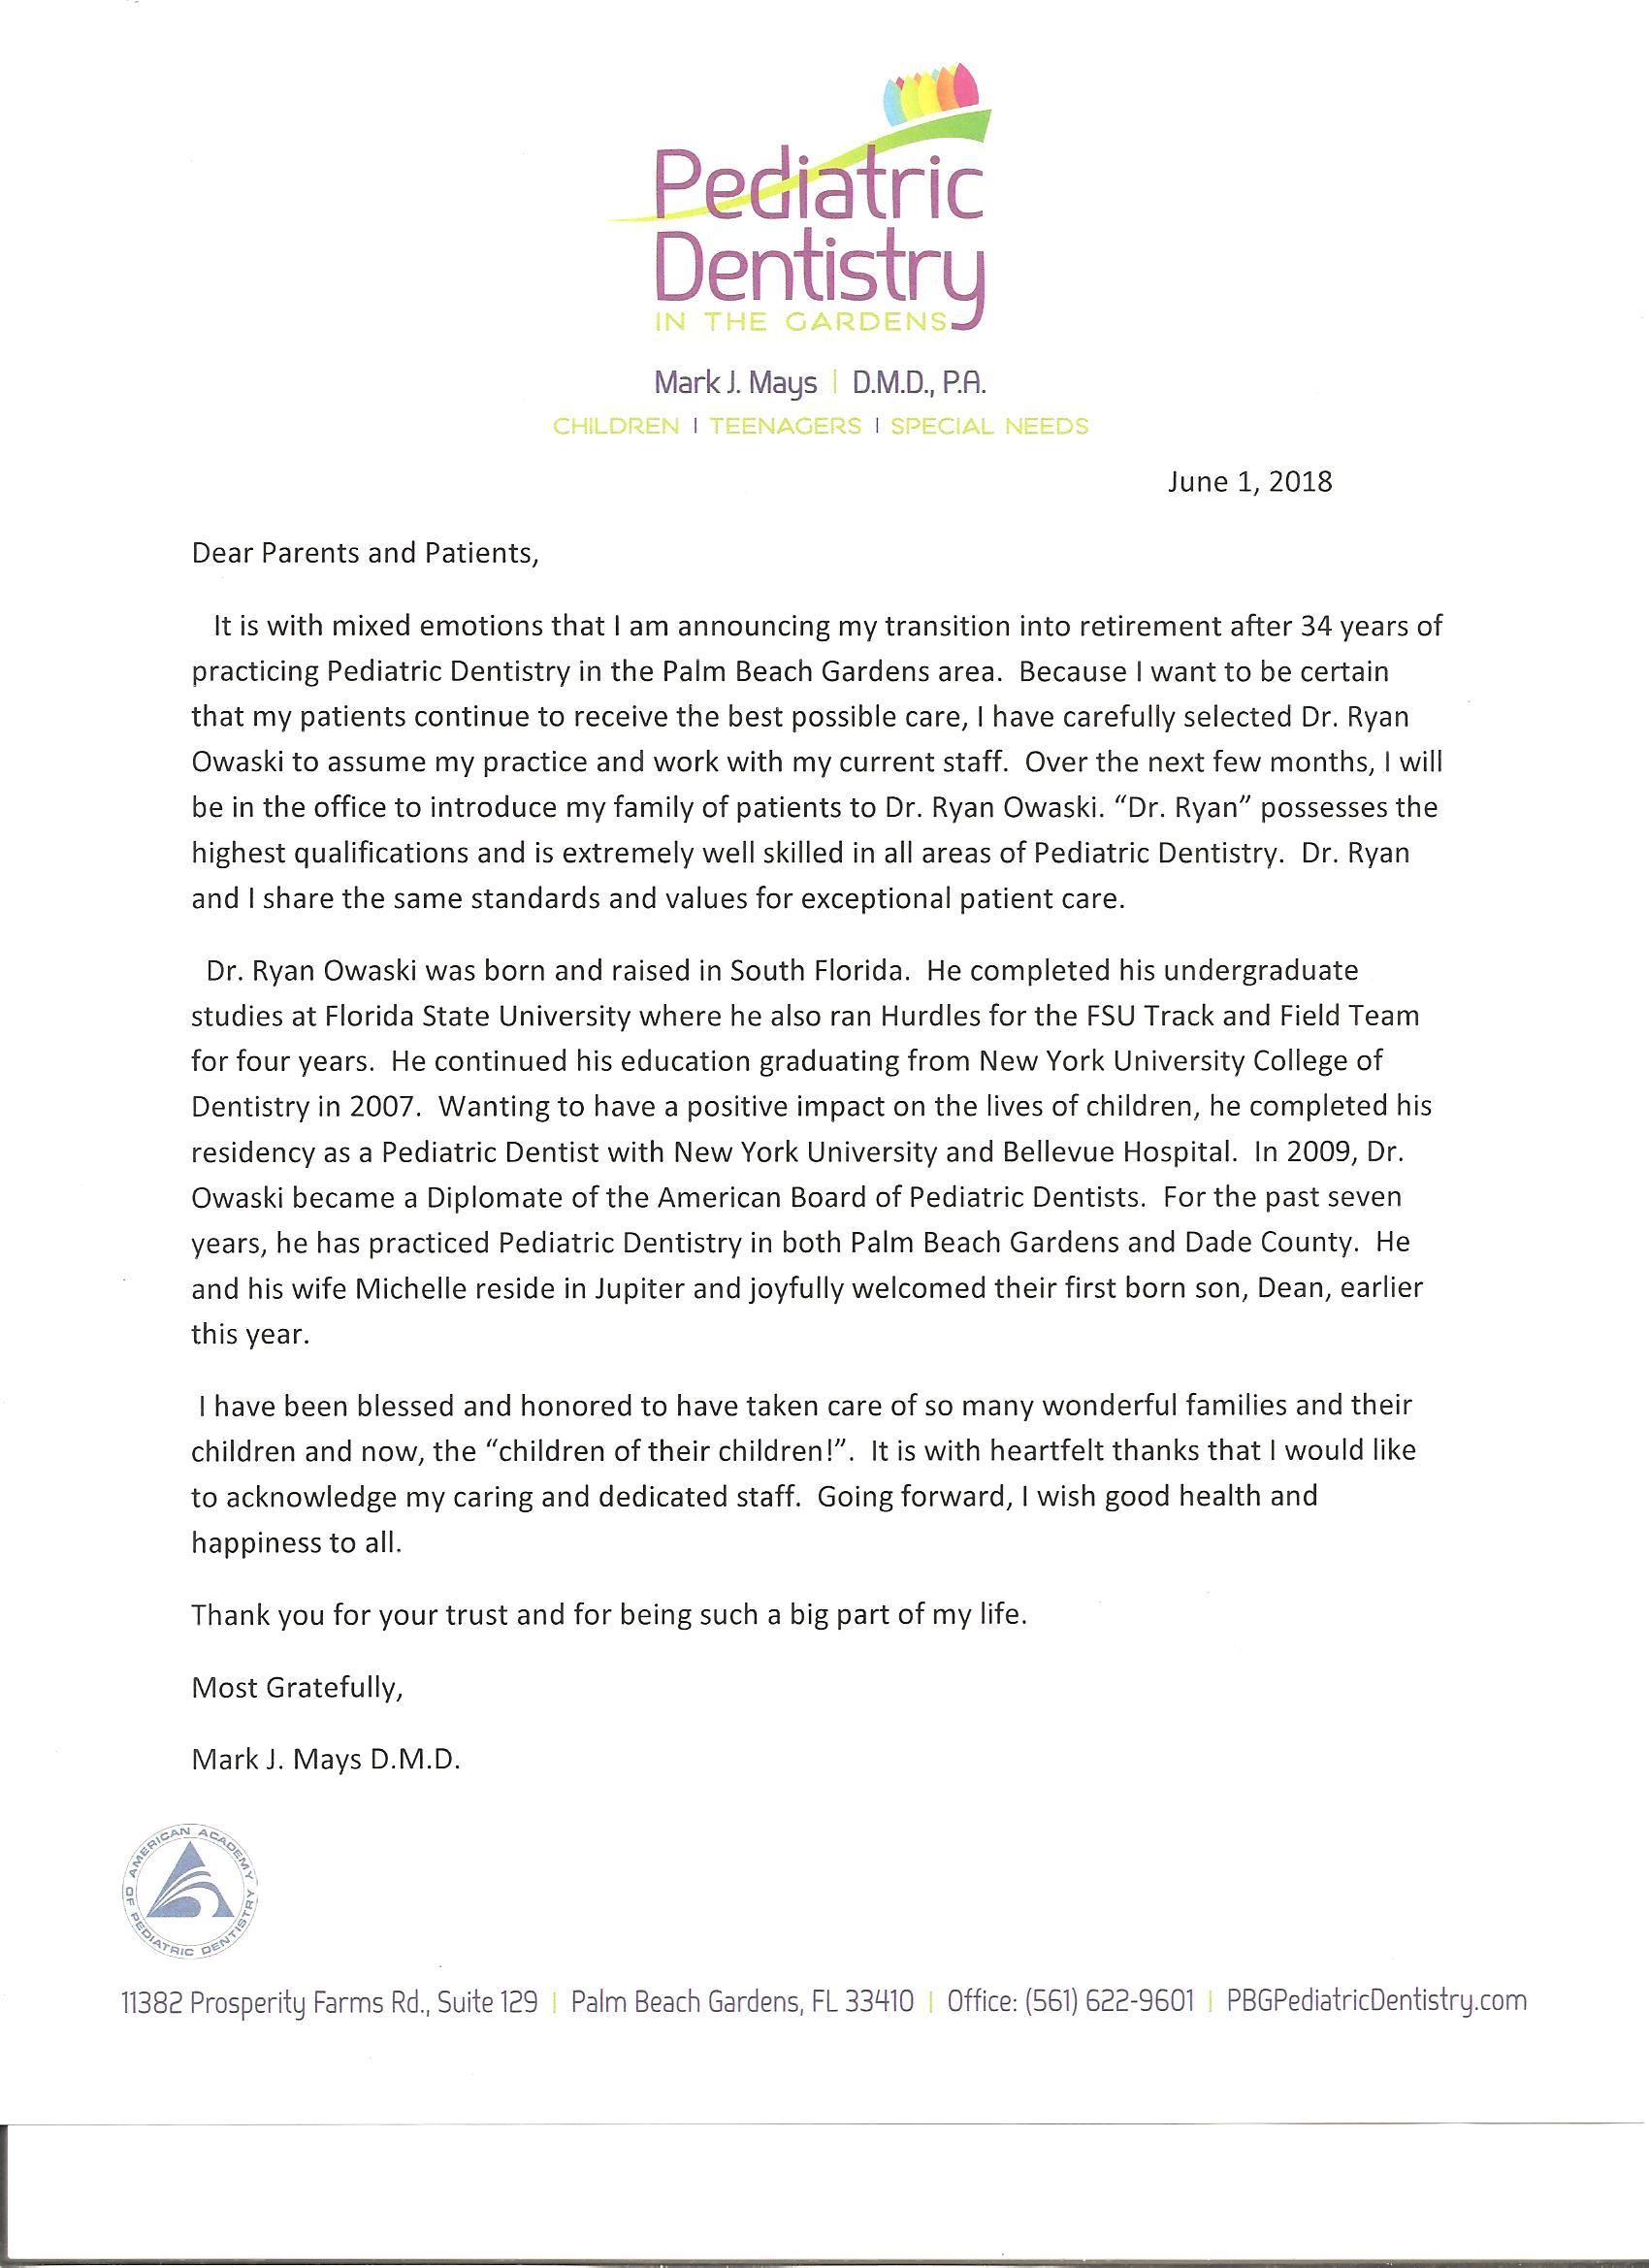 Retirement letter 001.jpg